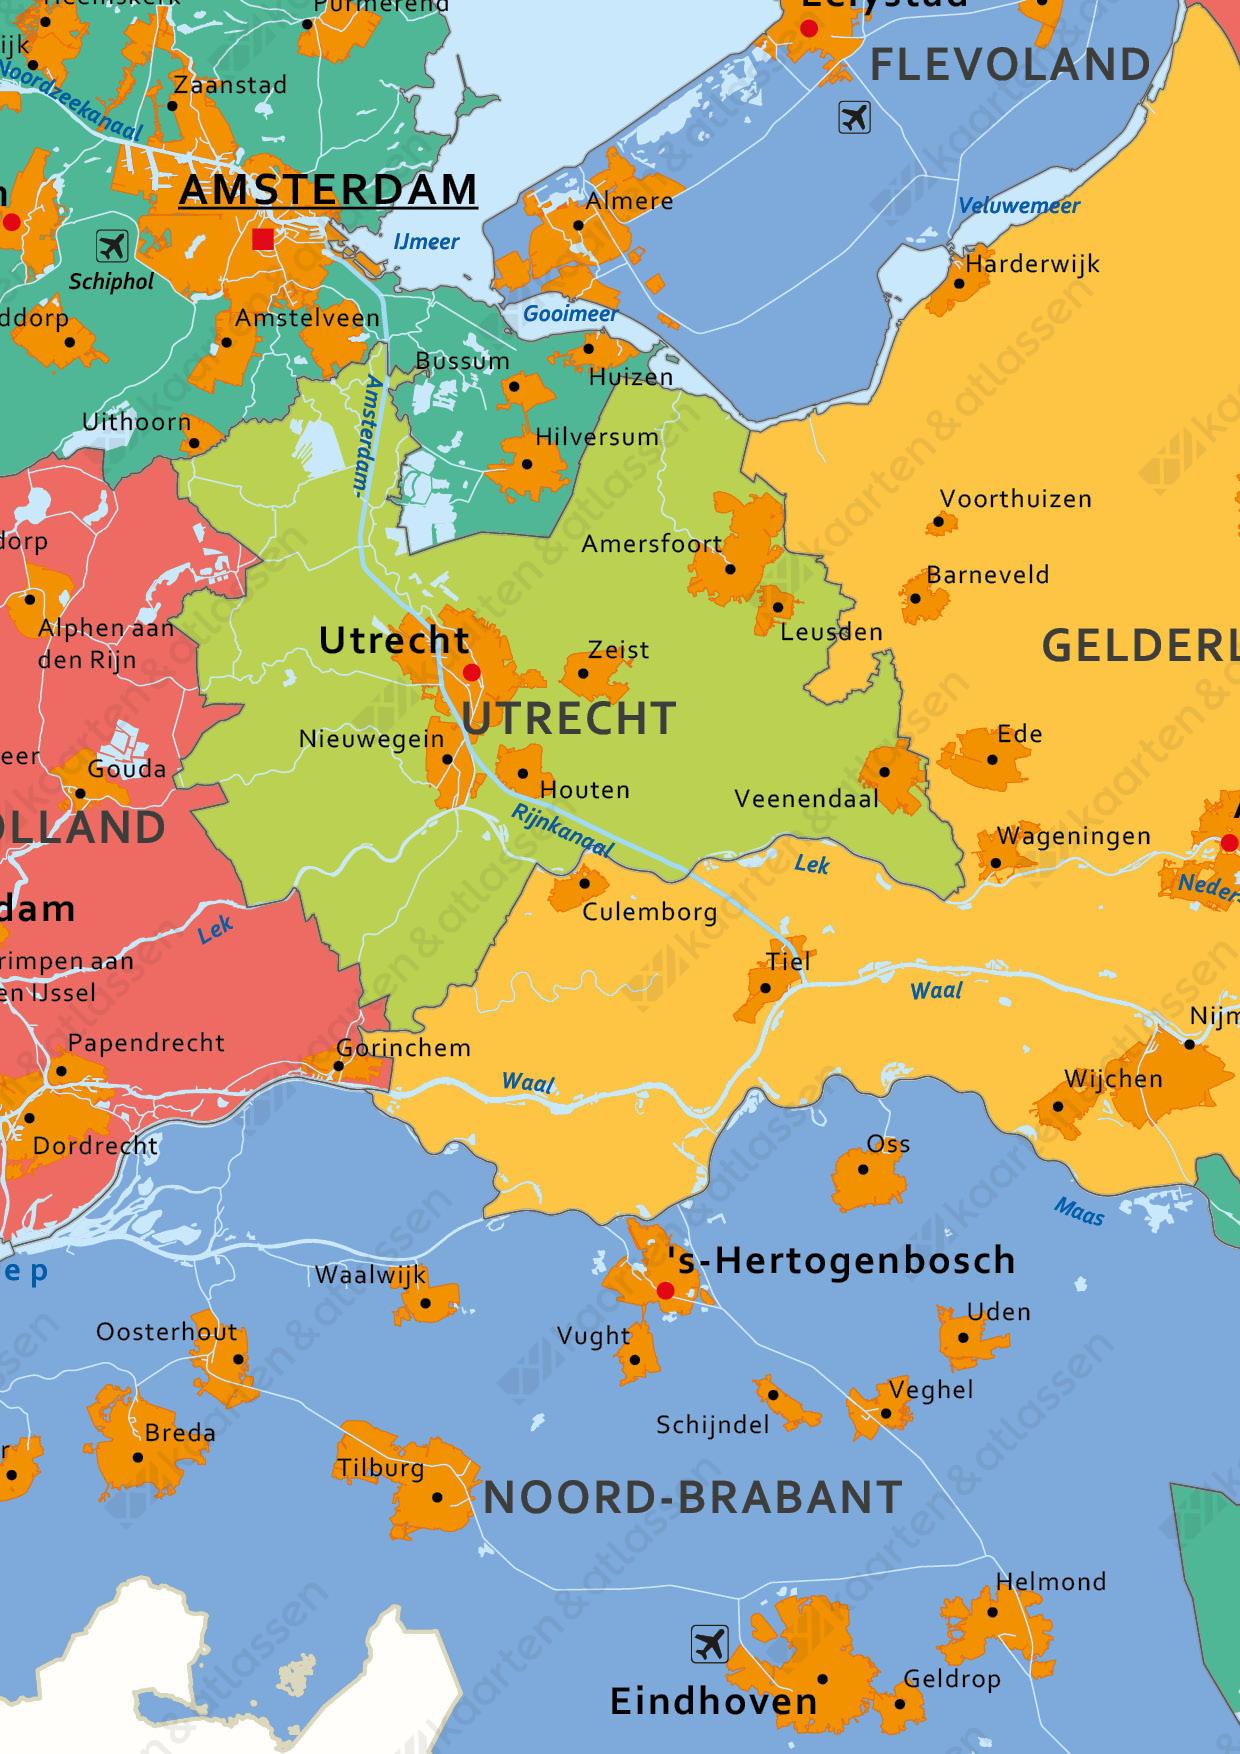 Digitale schoolkaart Koninkrijk der Nederlanden